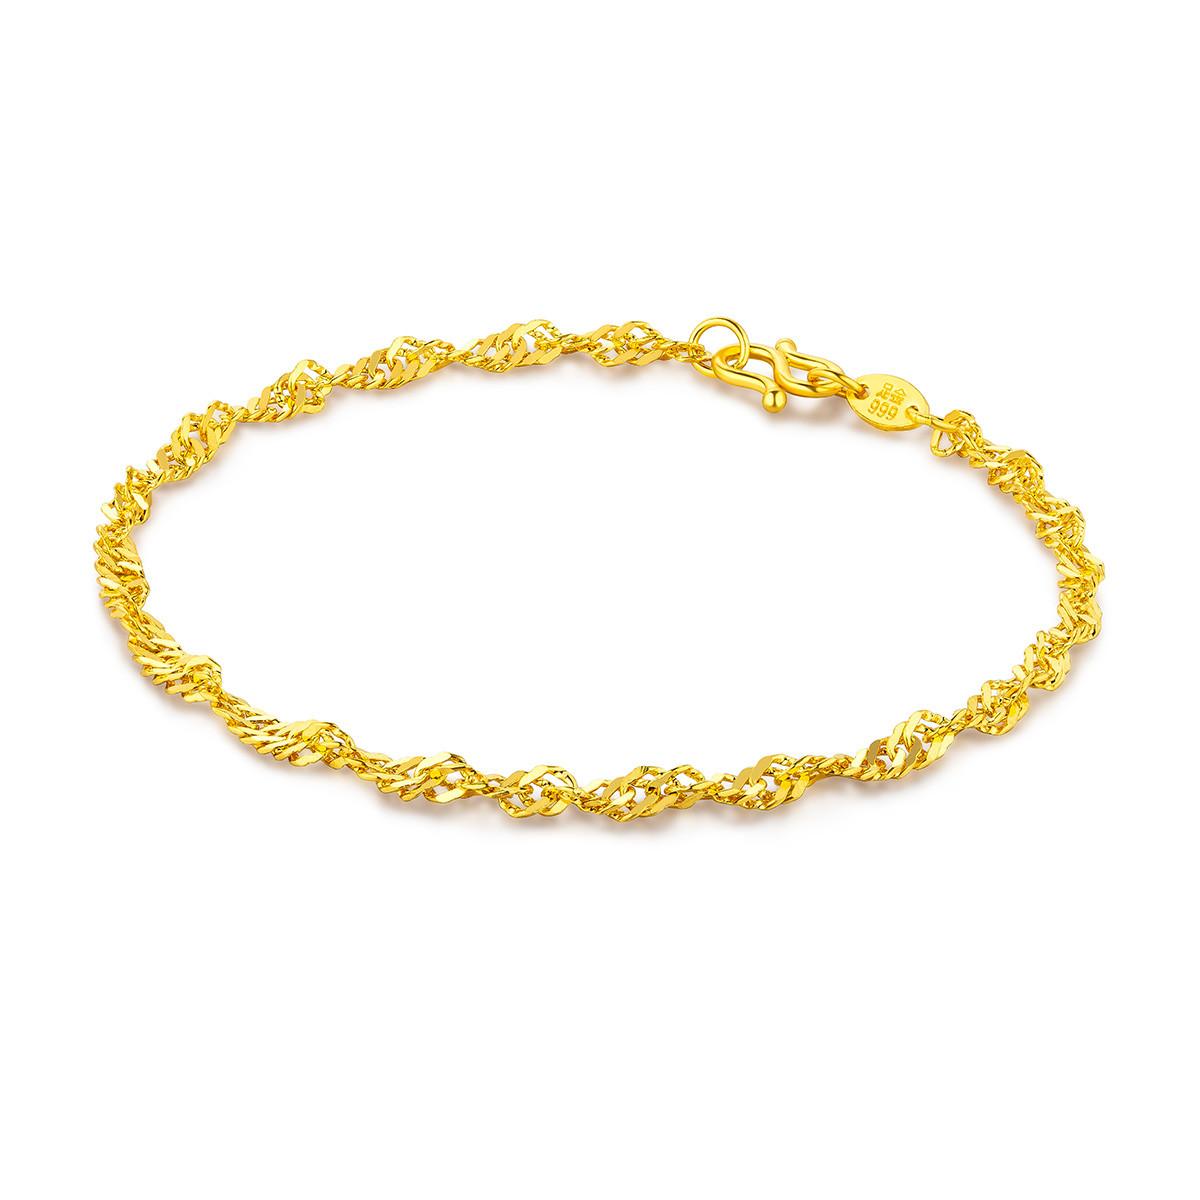 六福珠宝六福珠宝 足金水波纹黄金手链(计价)B01TBGB0009